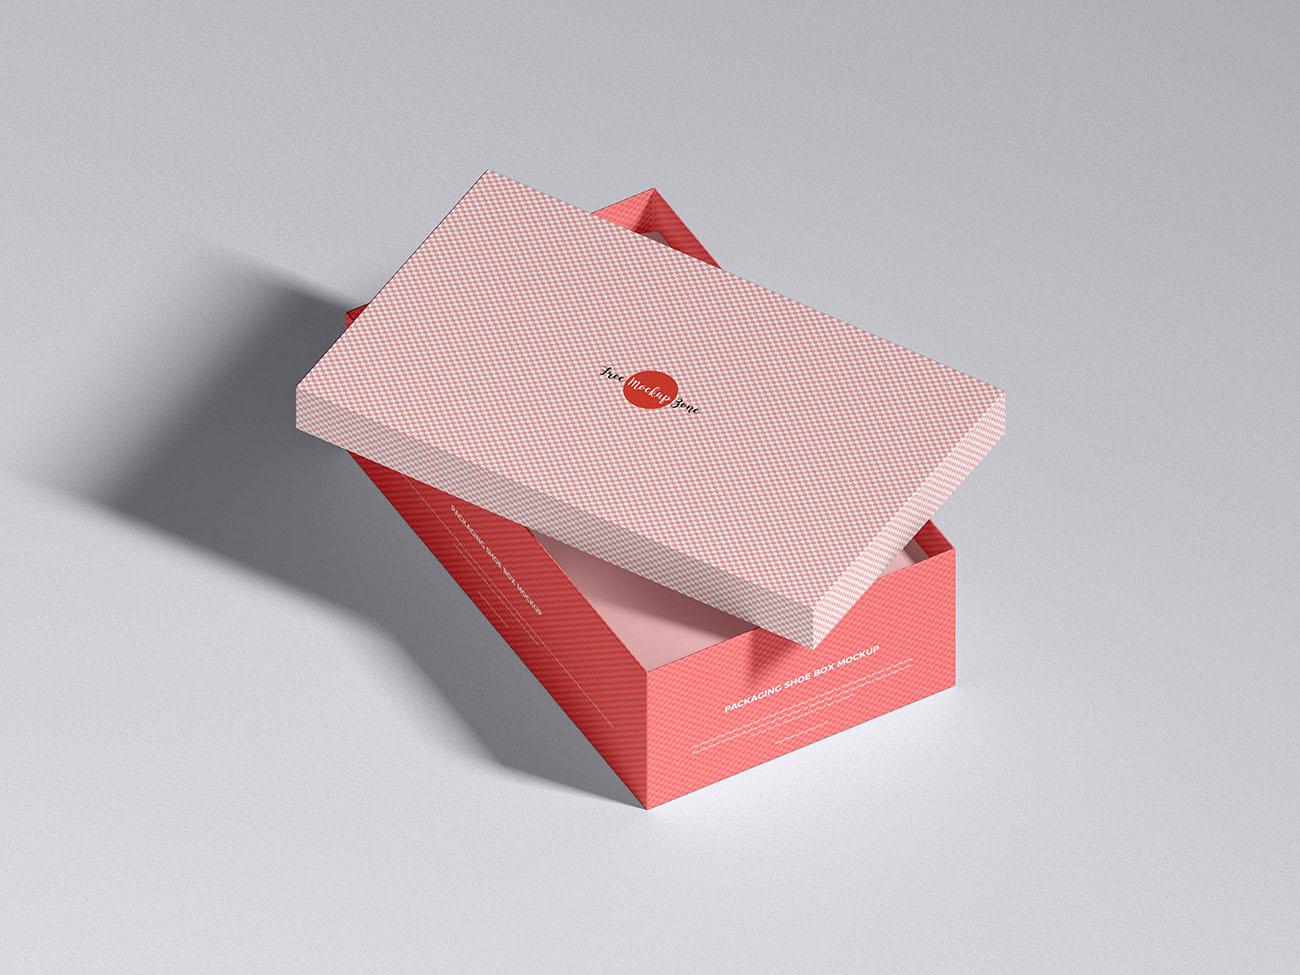 鞋盒包装模型样机PSD源文件插图